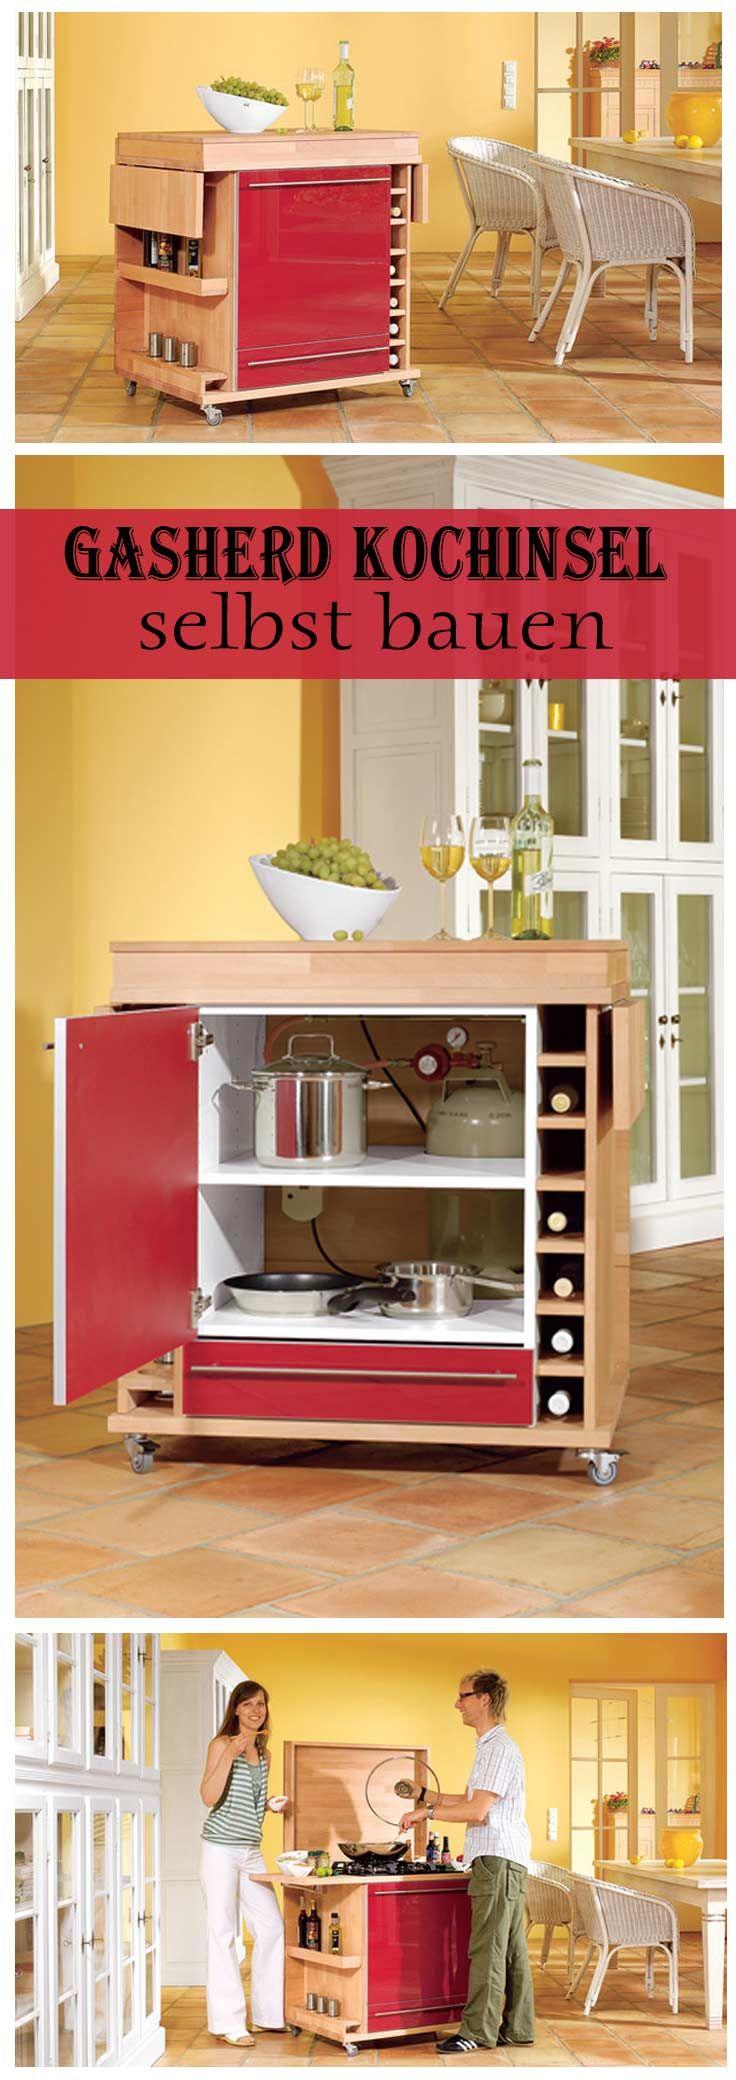 Küchenwagen mit Gasherd | Gasherd, Kochinsel und Die insel